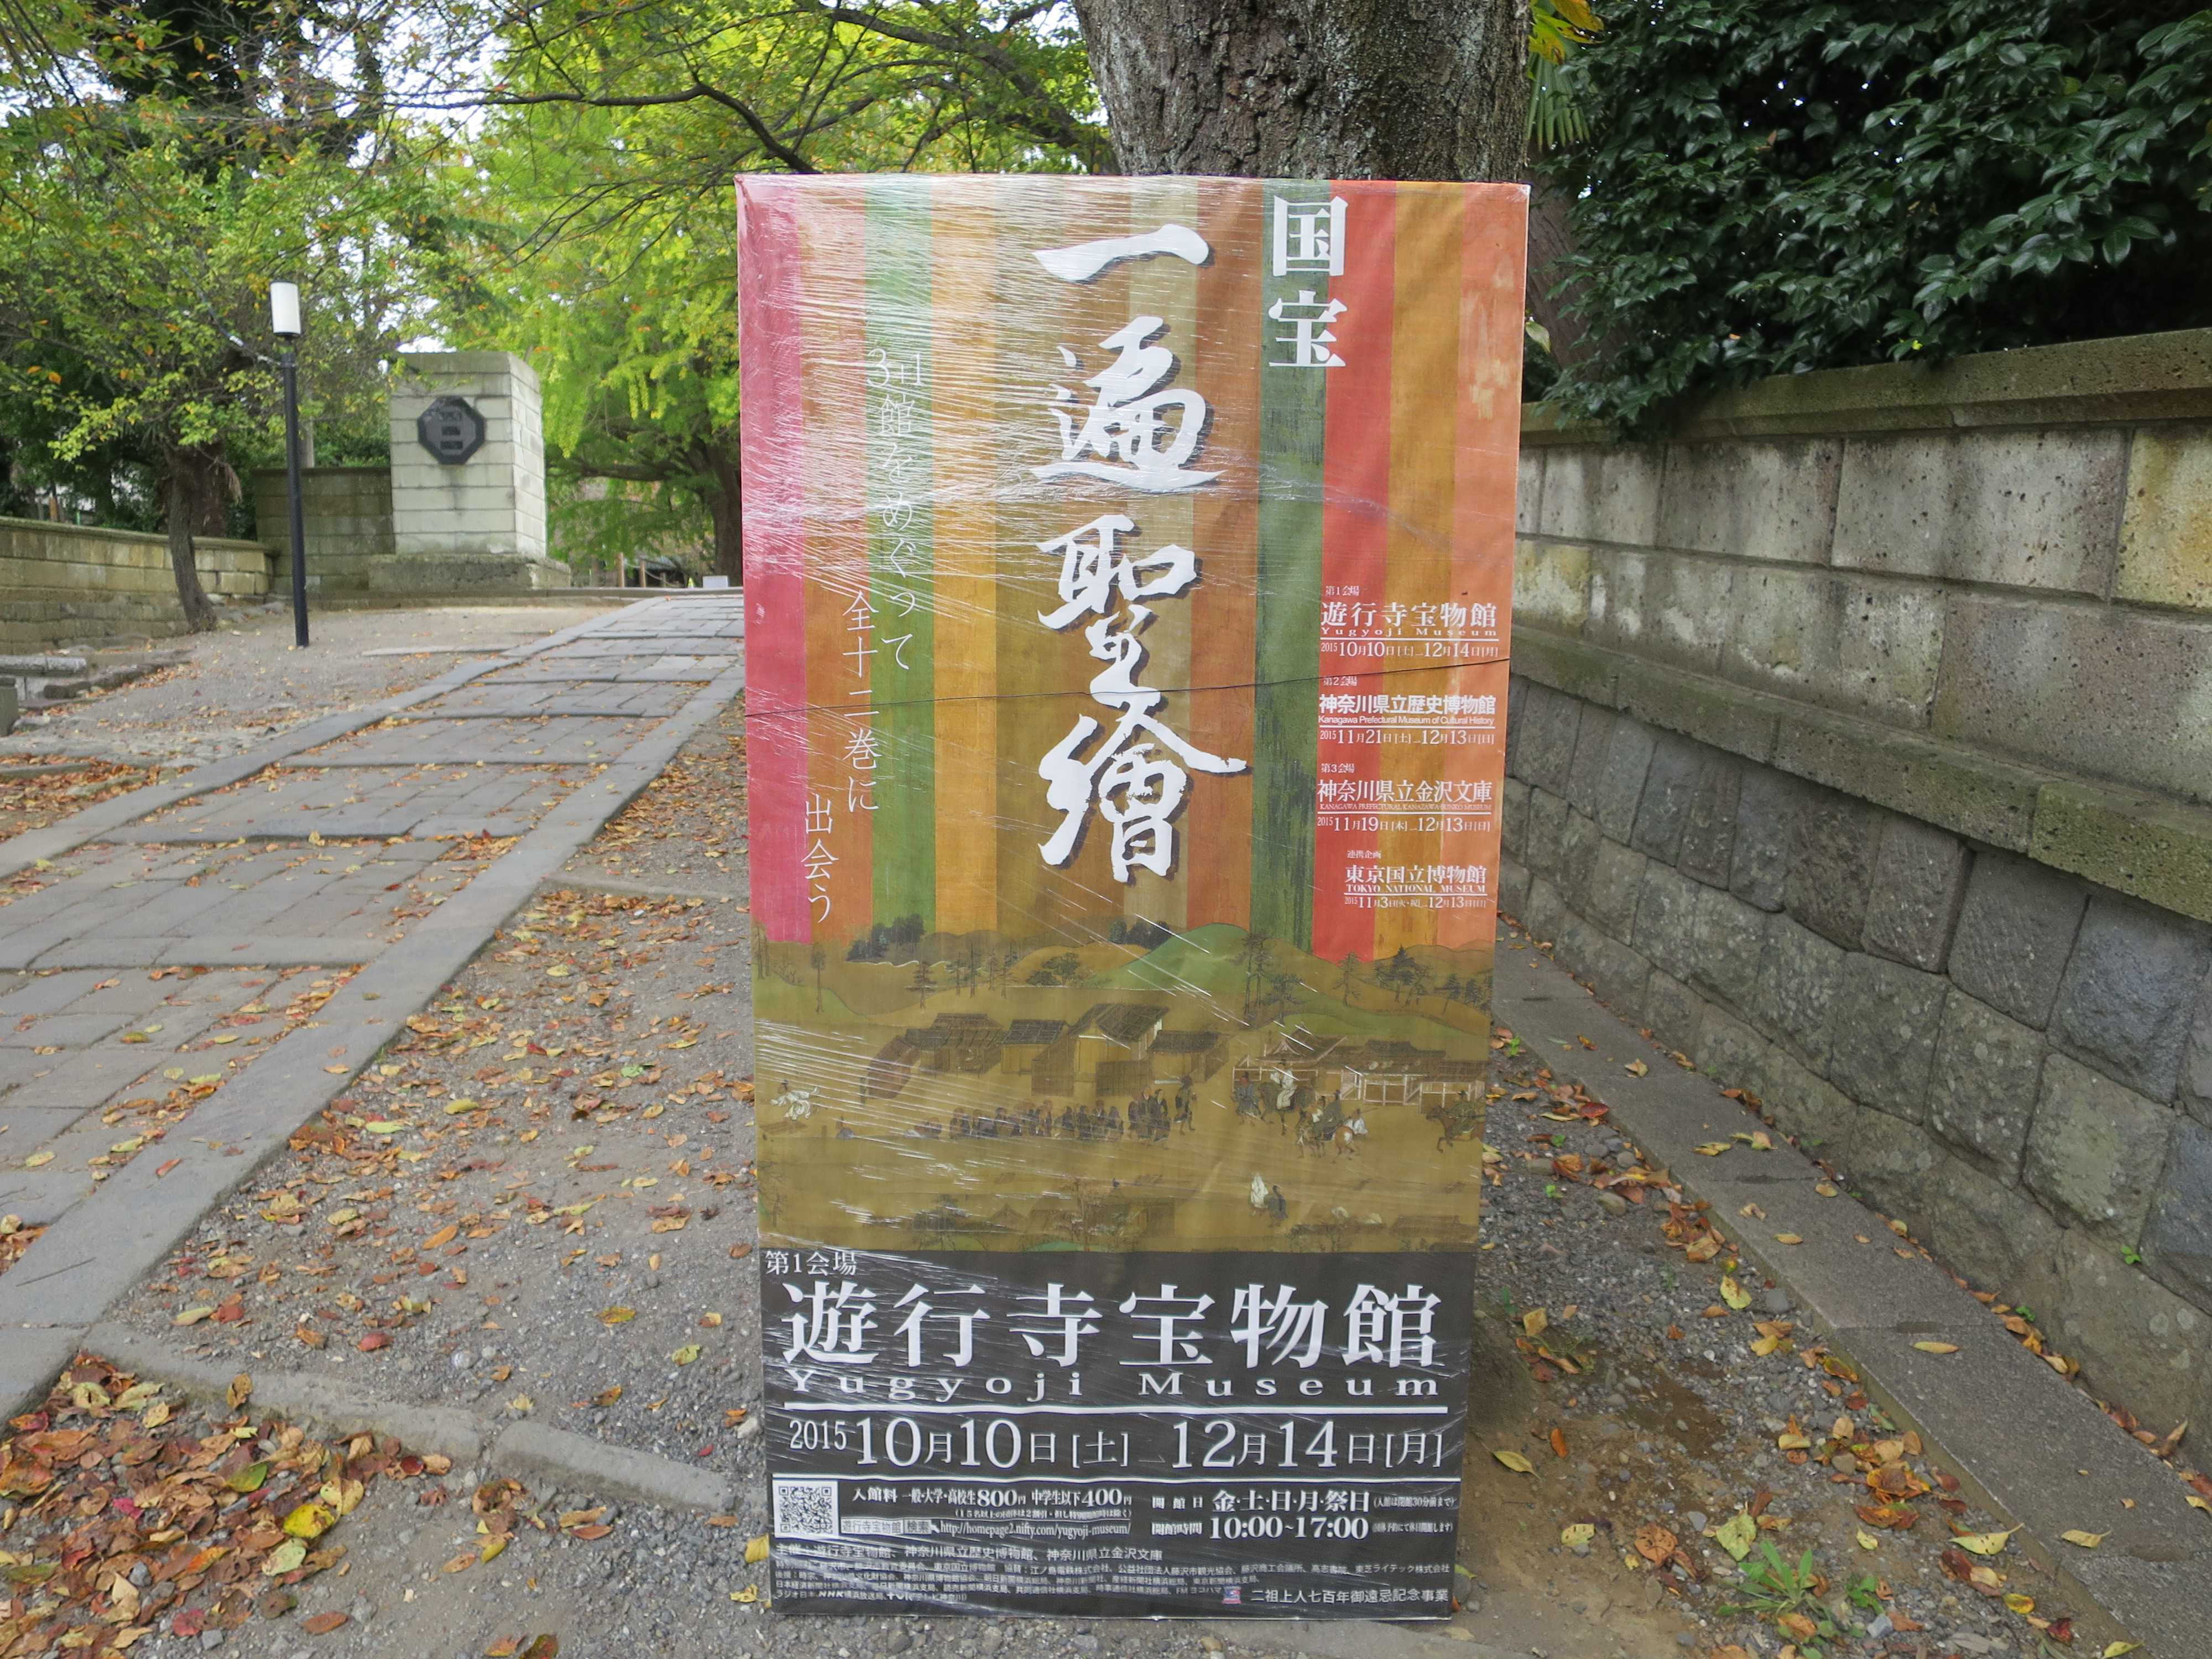 遊行寺宝物館リニューアル記念特別展「国宝 一遍聖絵」